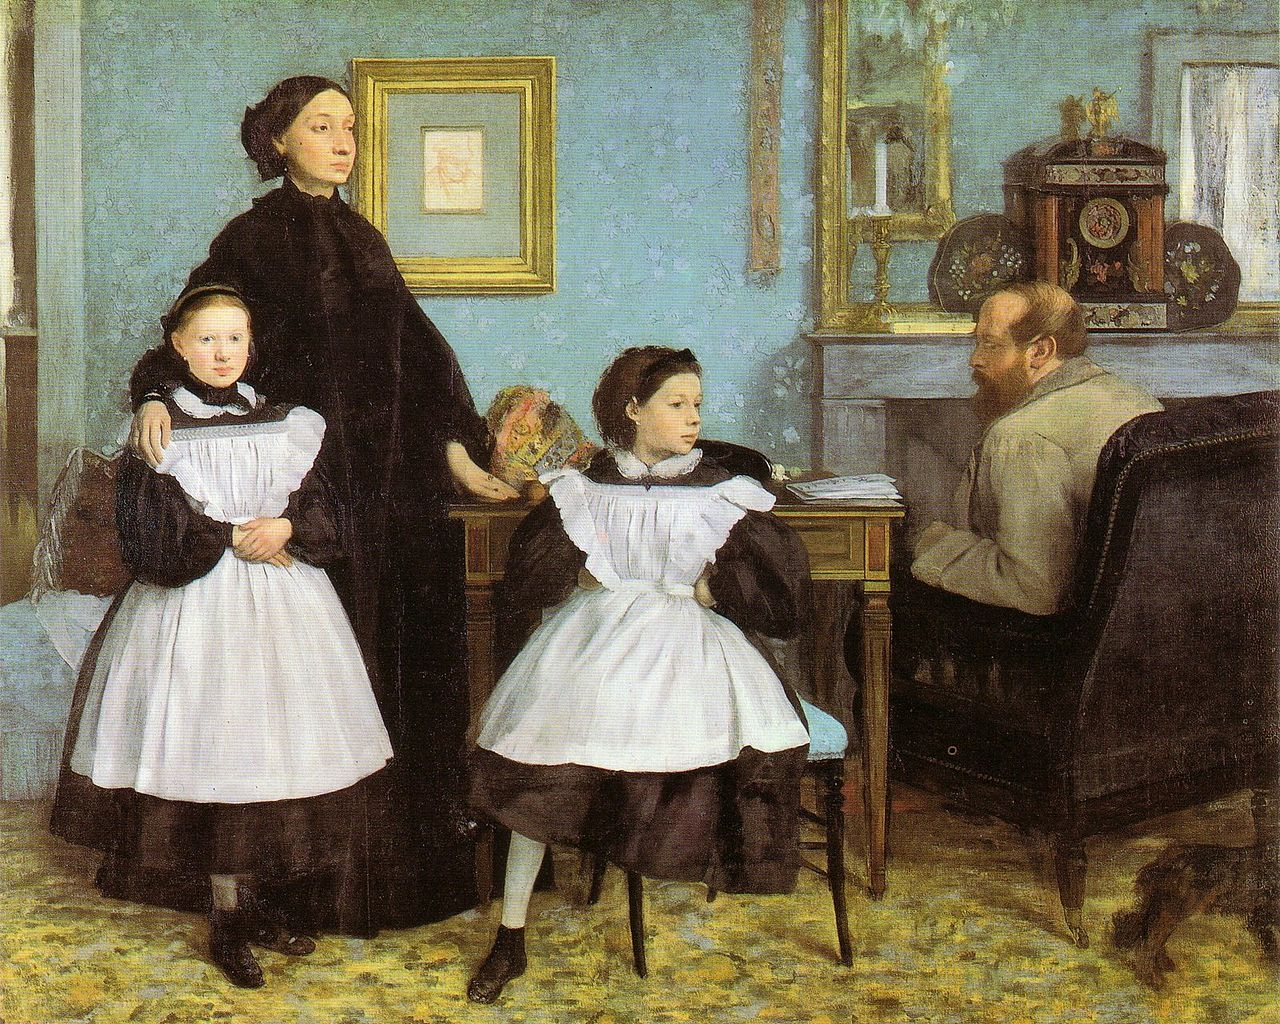 Edgar degas, La Famille Bellelli, 1867